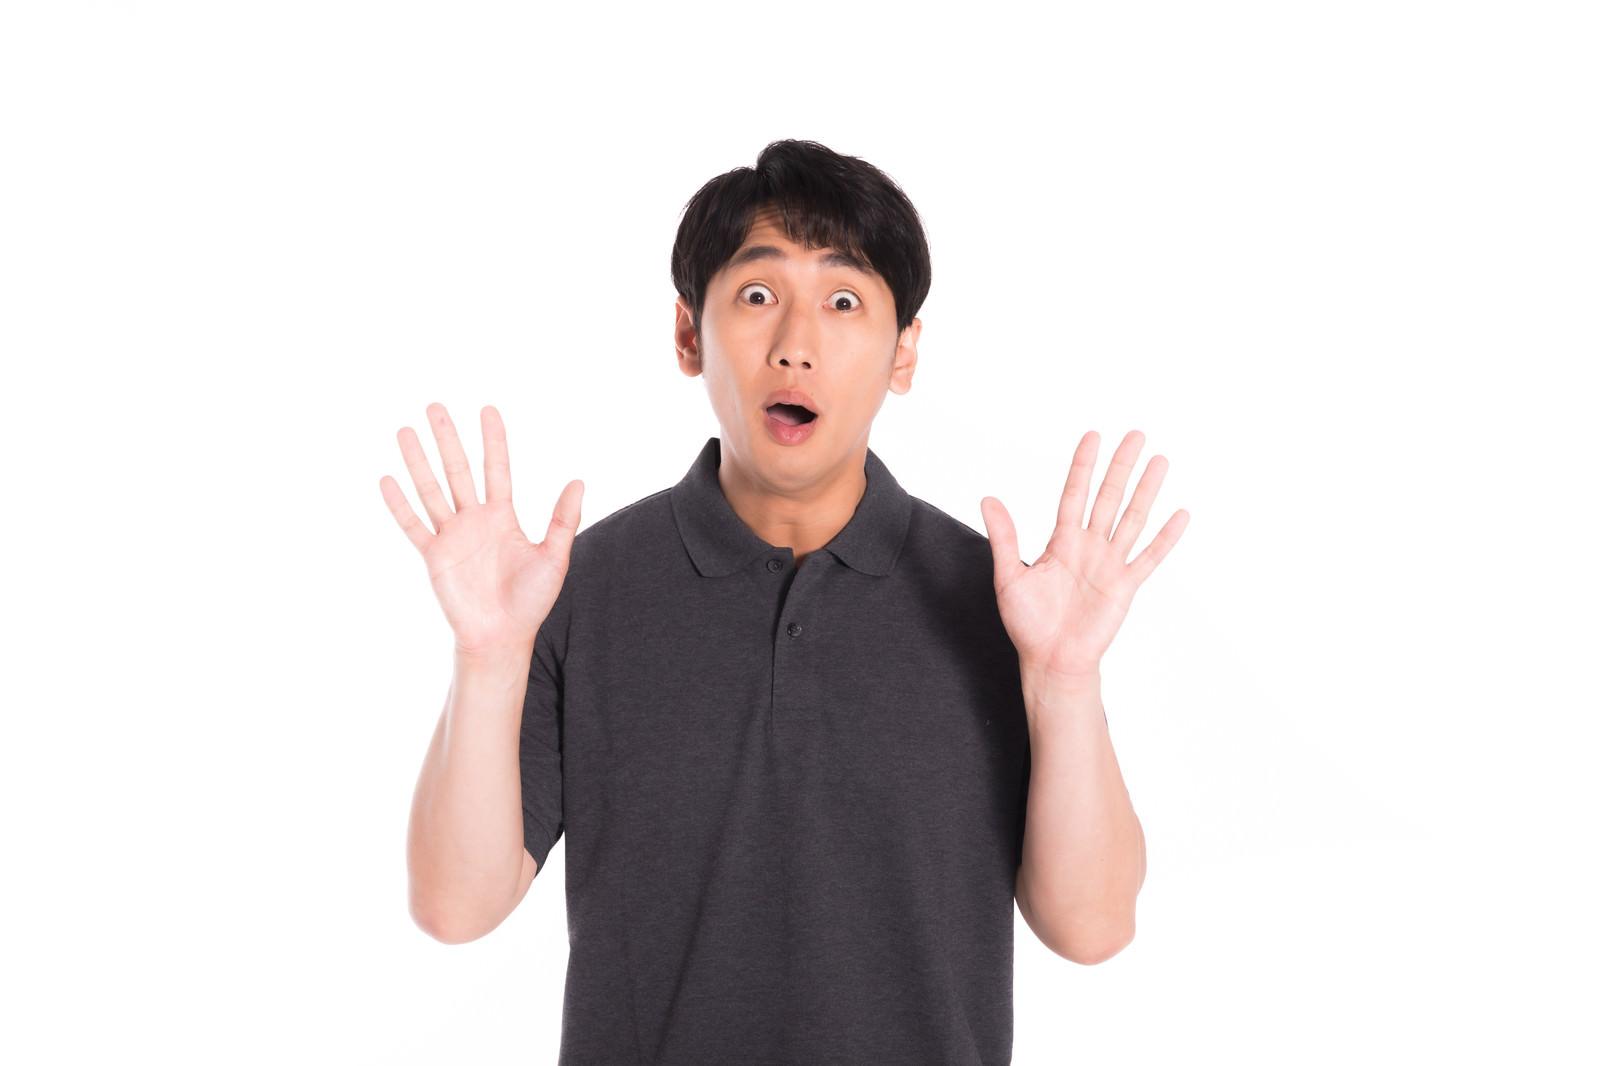 「「わっ!」と驚かせる男性」の写真[モデル:大川竜弥]